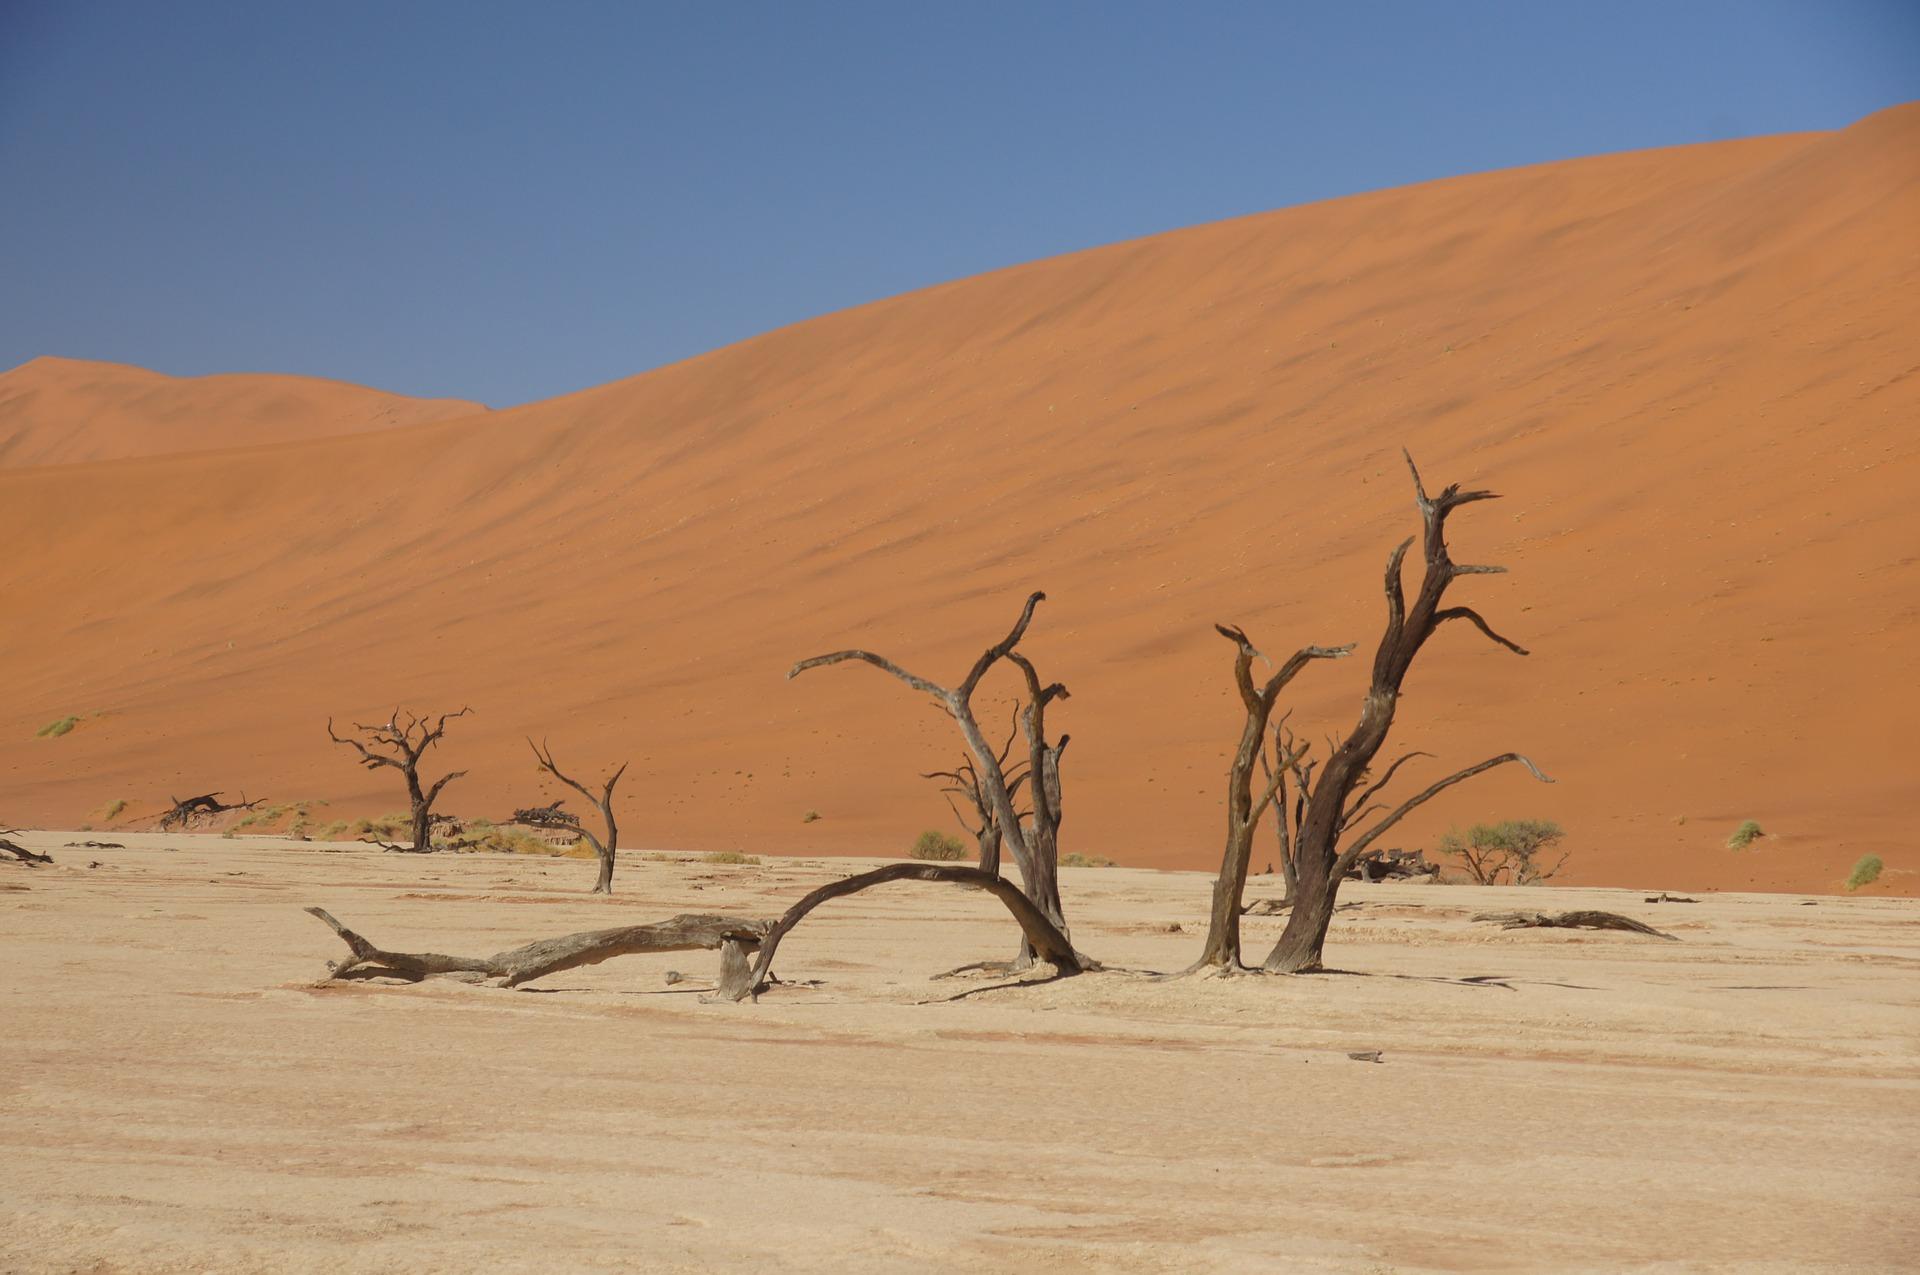 砂漠化の原因